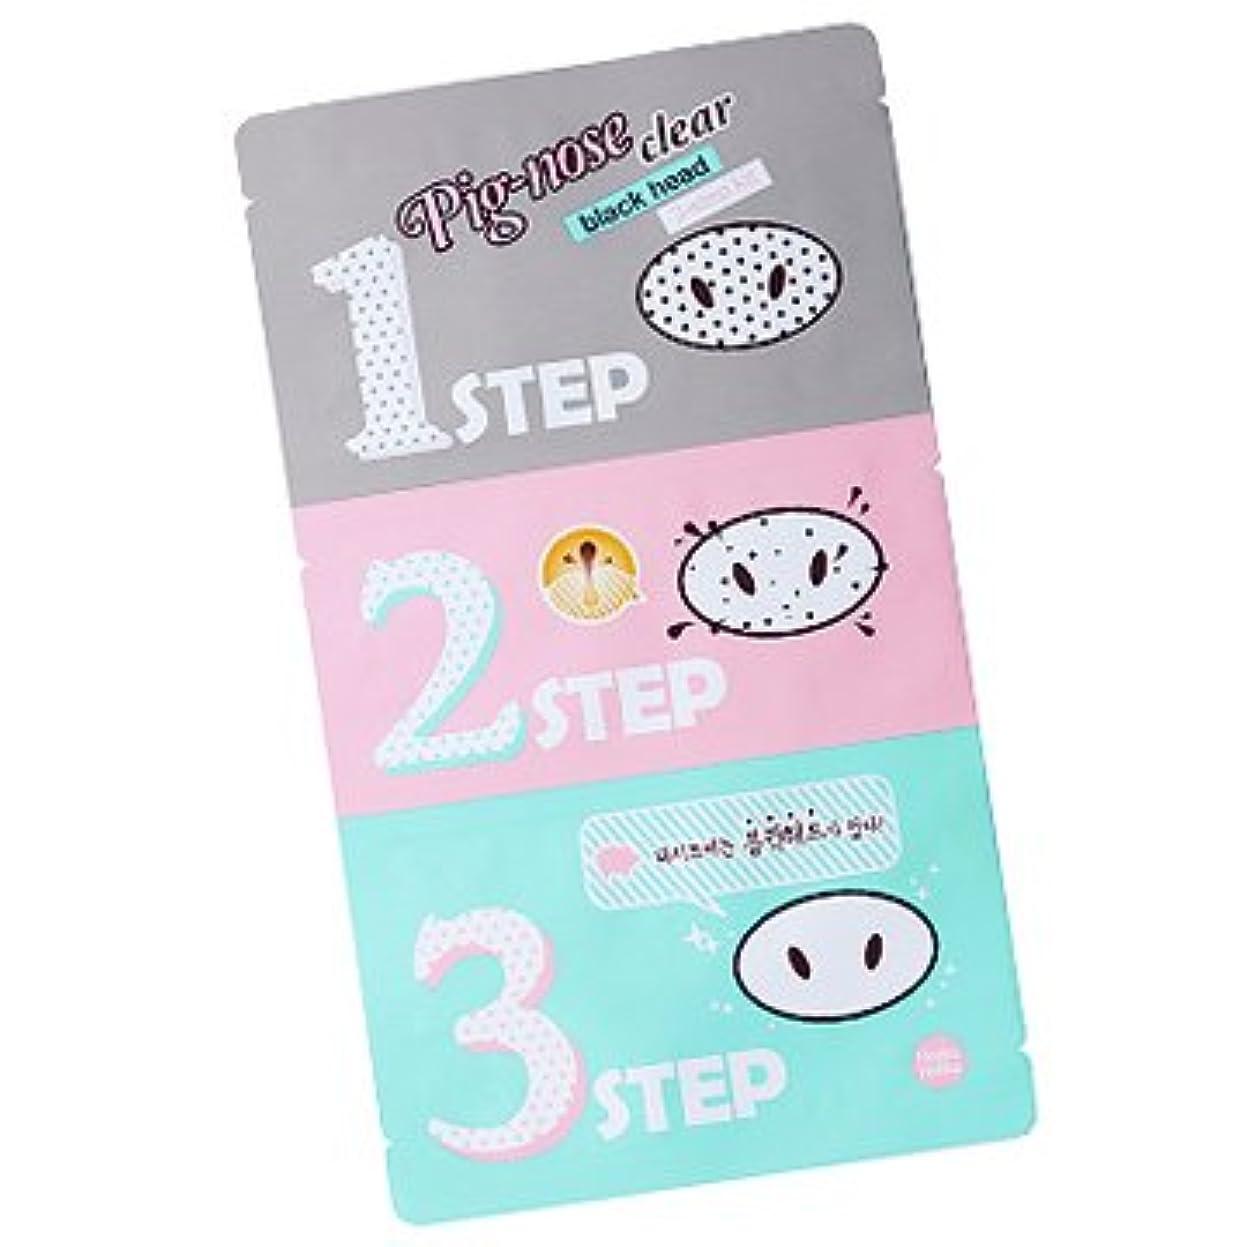 故障中収まる収まるHolika Holika Pig Nose Clear Black Head 3-Step Kit 10EA (Nose Pack) ホリカホリカ ピグノーズクリアブラックヘッド3-Stepキット(鼻パック) 10pcs [並行輸入品]